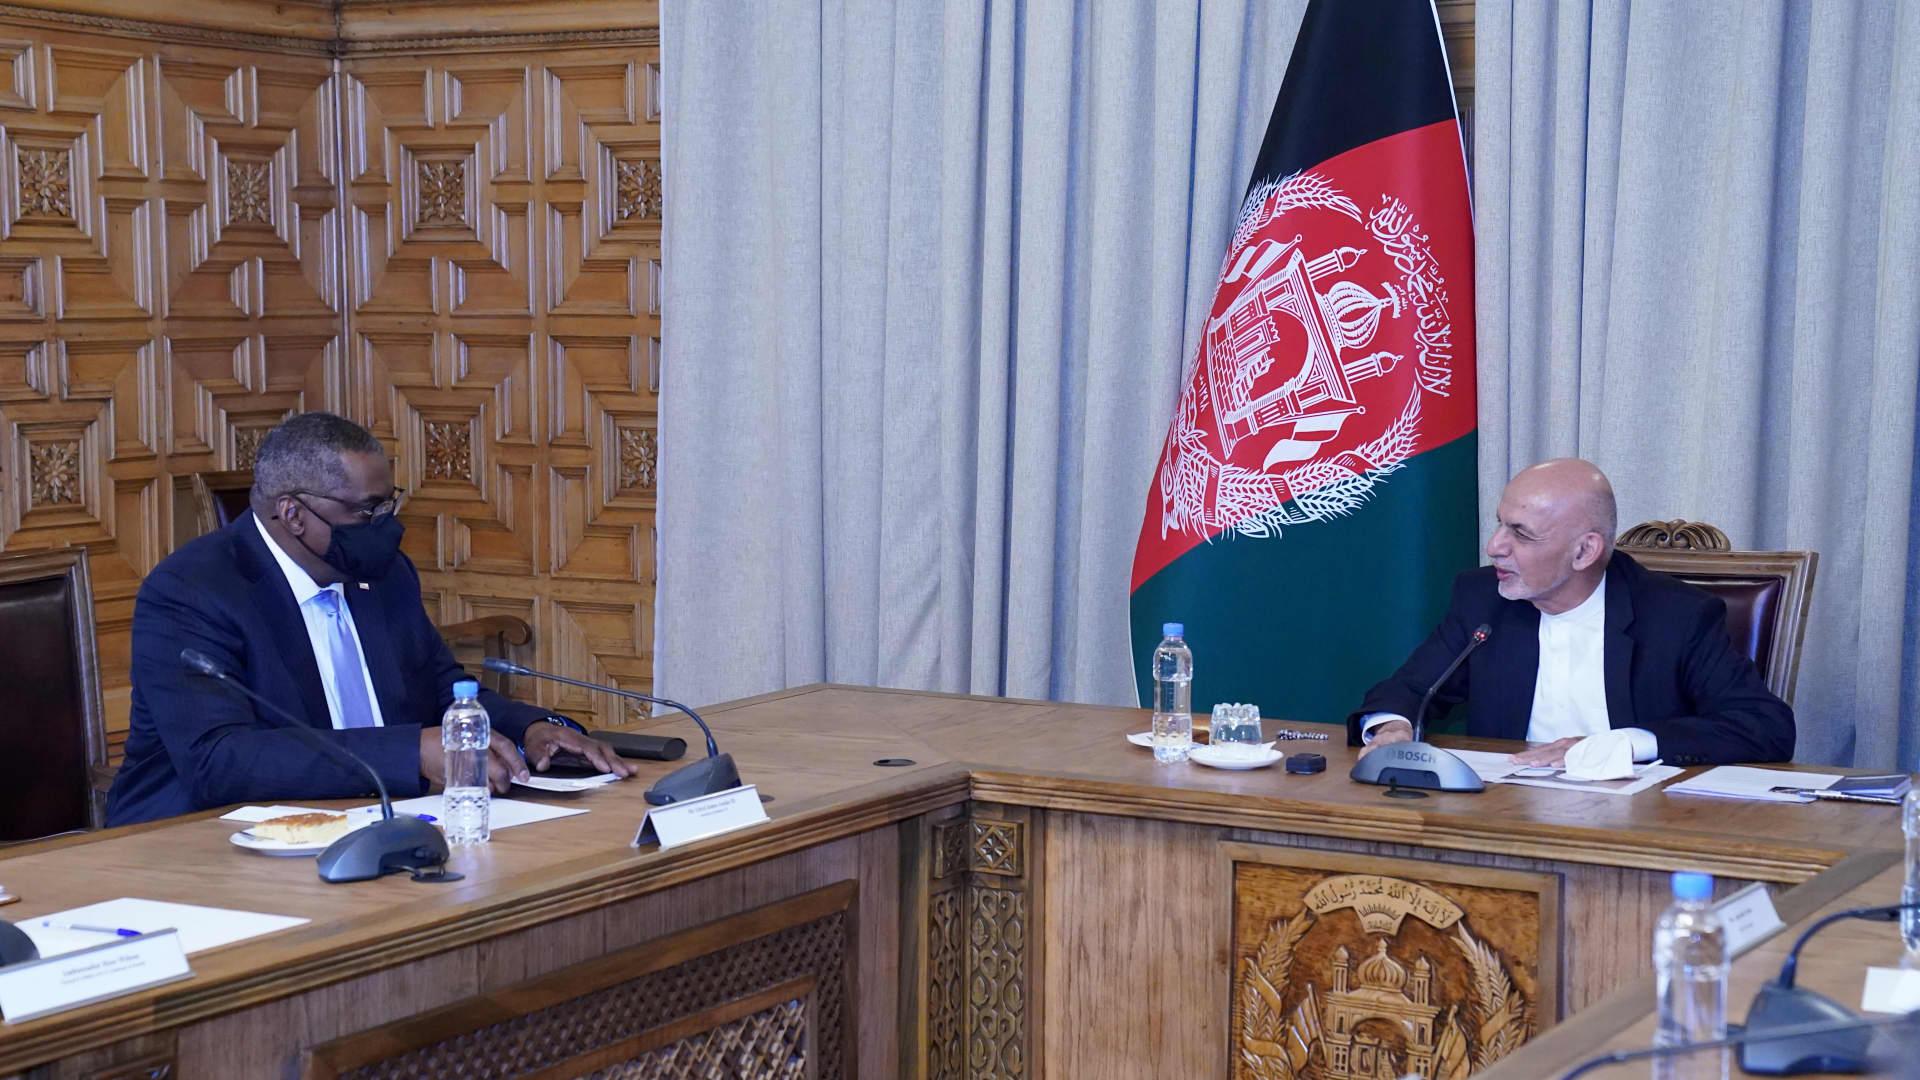 Afghanistan's President Ashraf Ghani (R) meets U.S. Secretary of Defense Lloyd Austin, in Kabul, Afghanistan March 21, 2021.